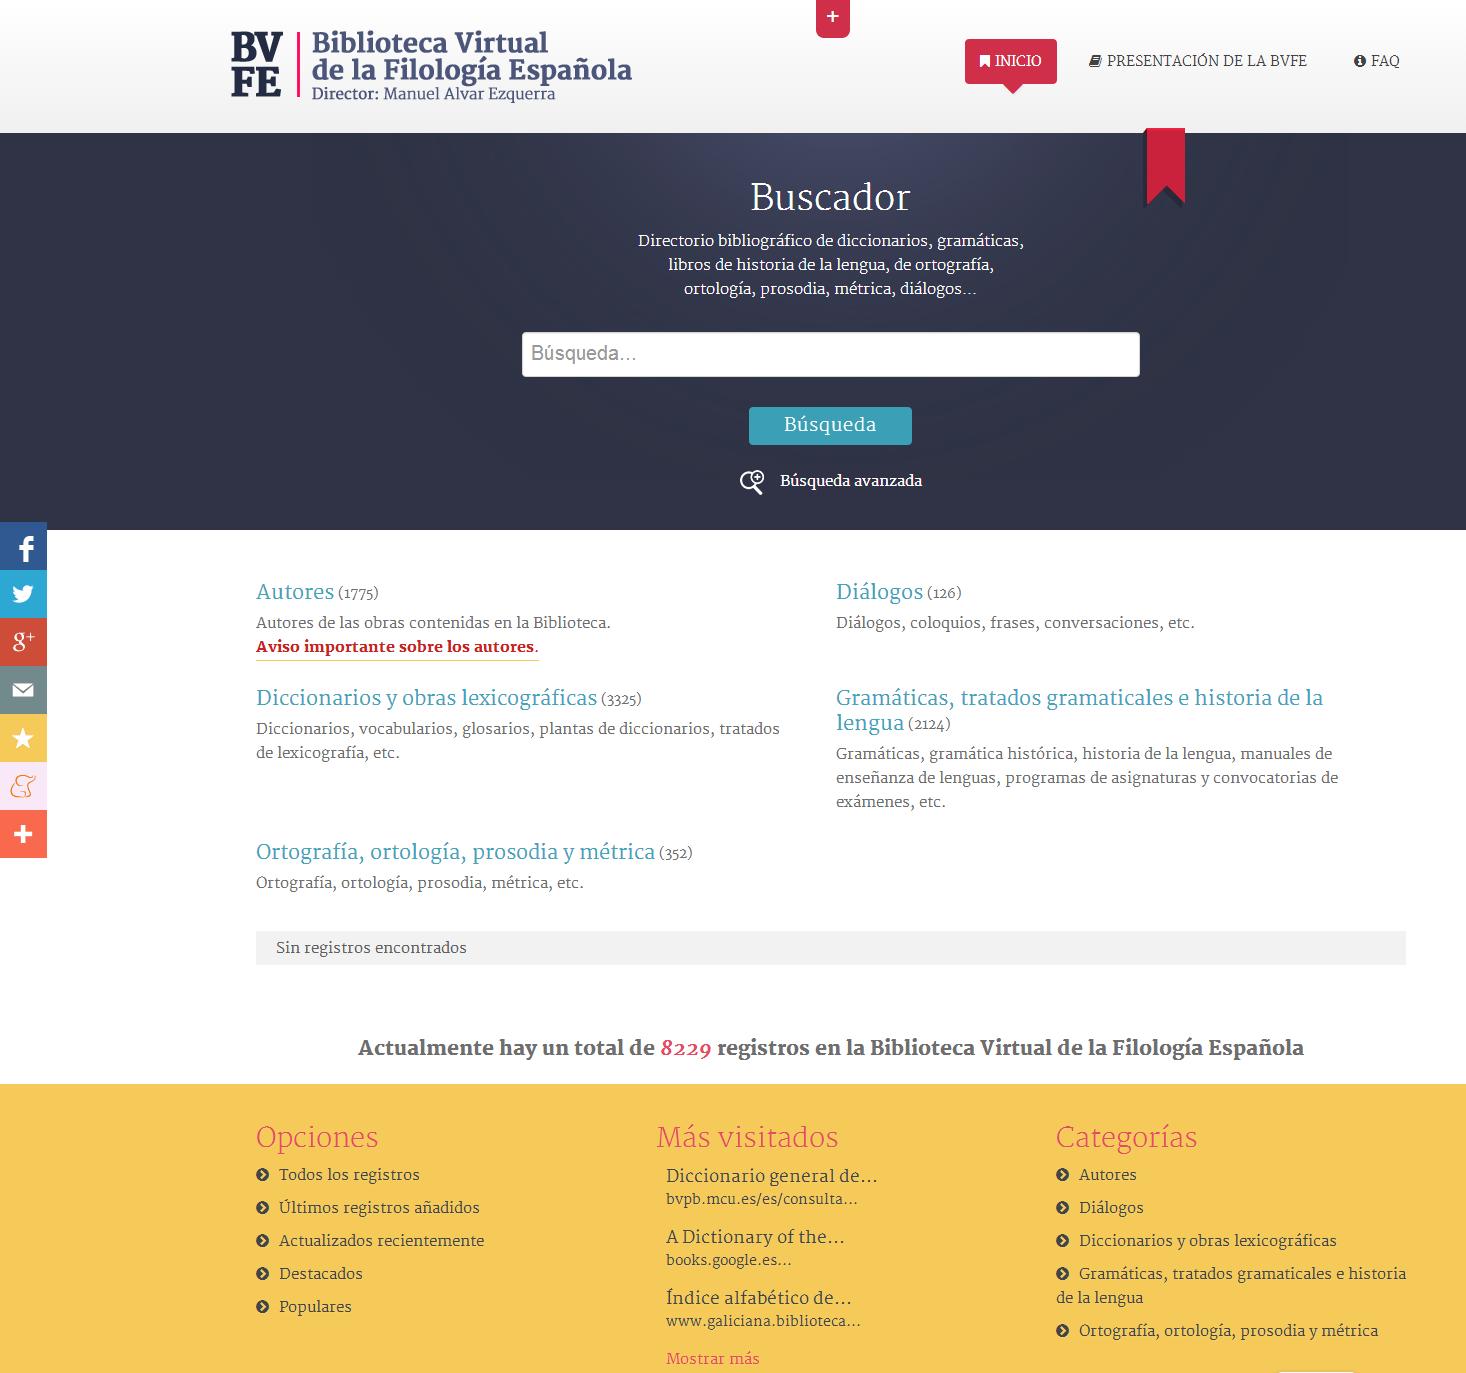 BVFE   Biblioteca Virtual de la Filología Española  directorio de gramáticas  diccionarios  ortografías  etc.